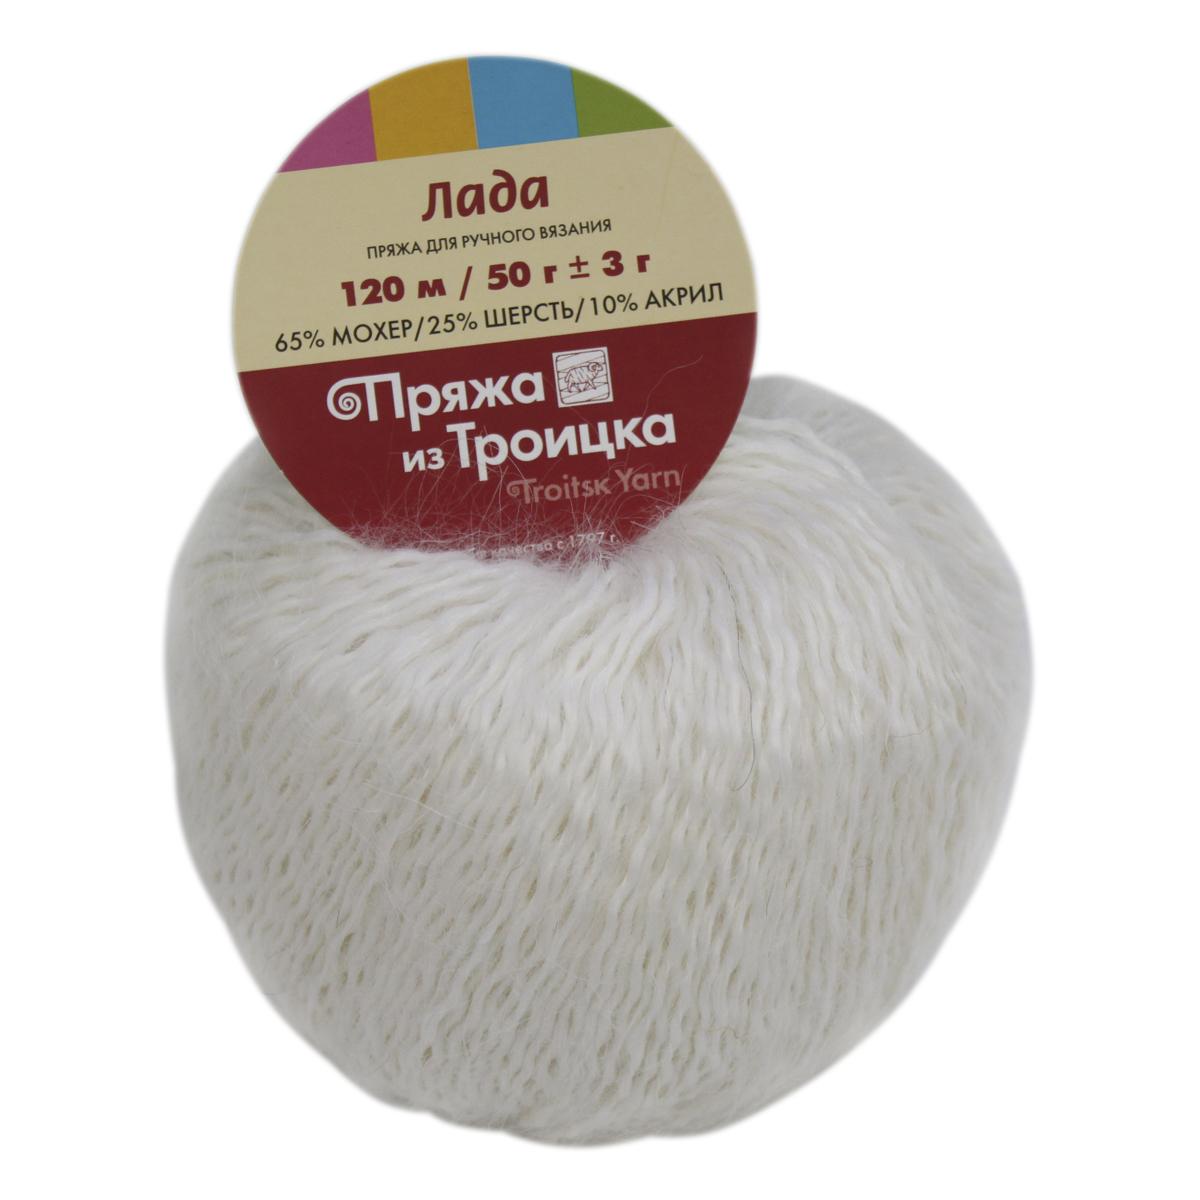 Пряжа для вязания Лада, 50 г, 120 м, цвет: 0230 отбелка, 10 шт366009_0230